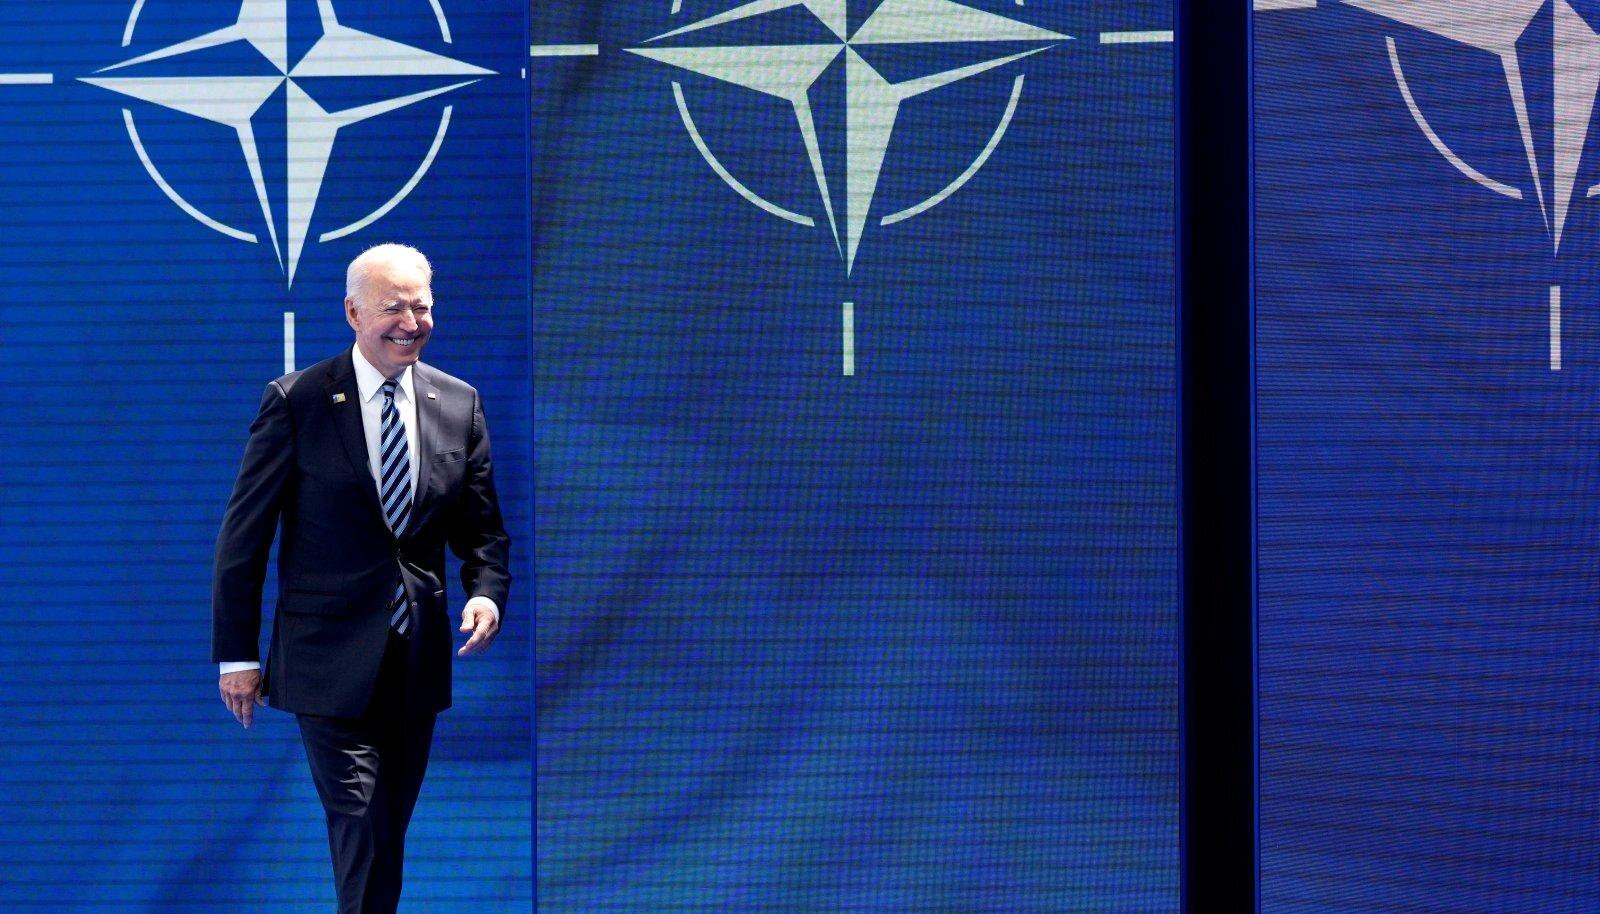 USA presidendi Joe Bideni kogu olekust õhkus NATO riikide jaoks ainult positiivseid signaale.